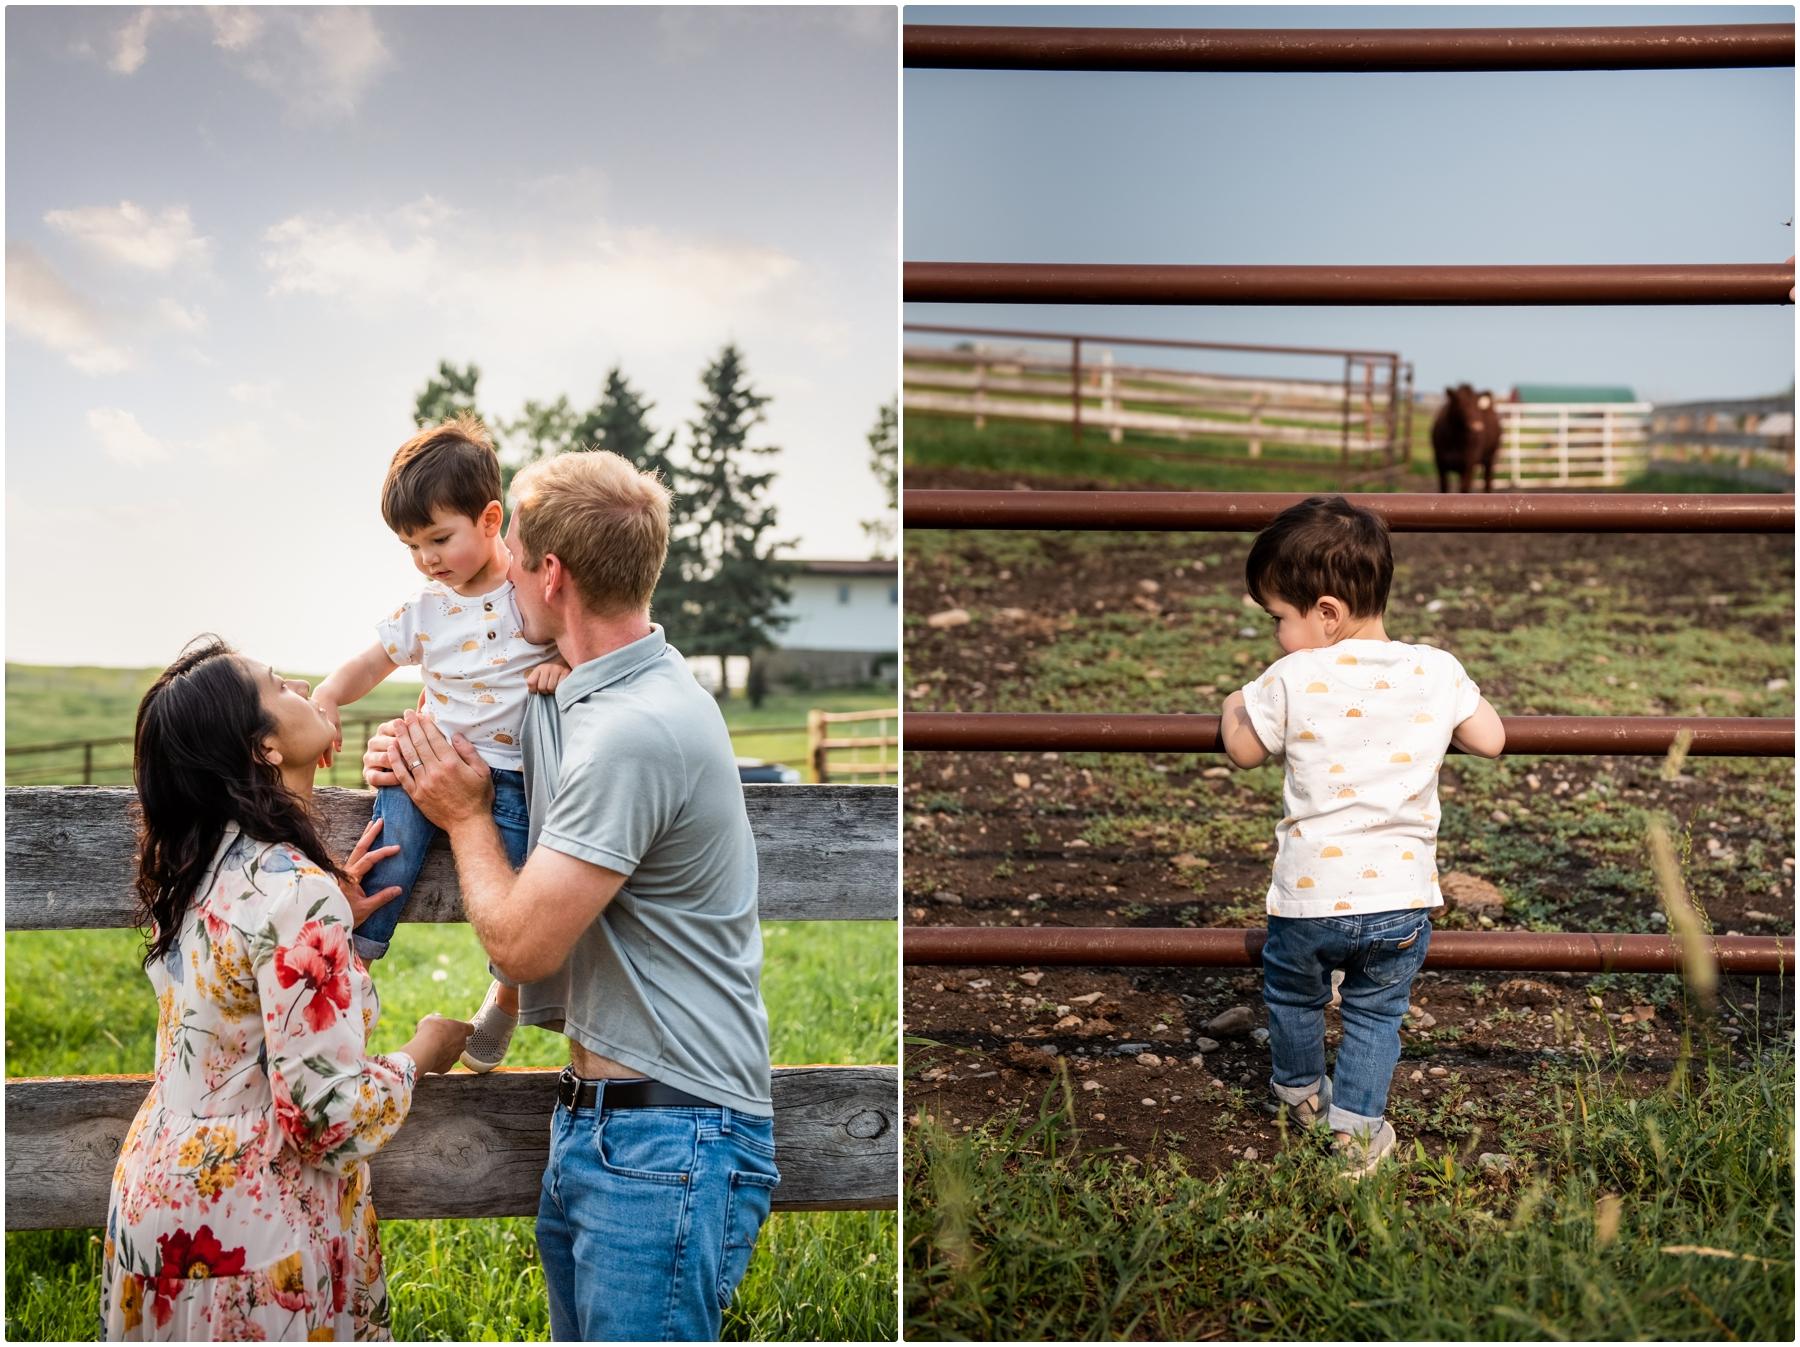 Farm Family Photography Calgary